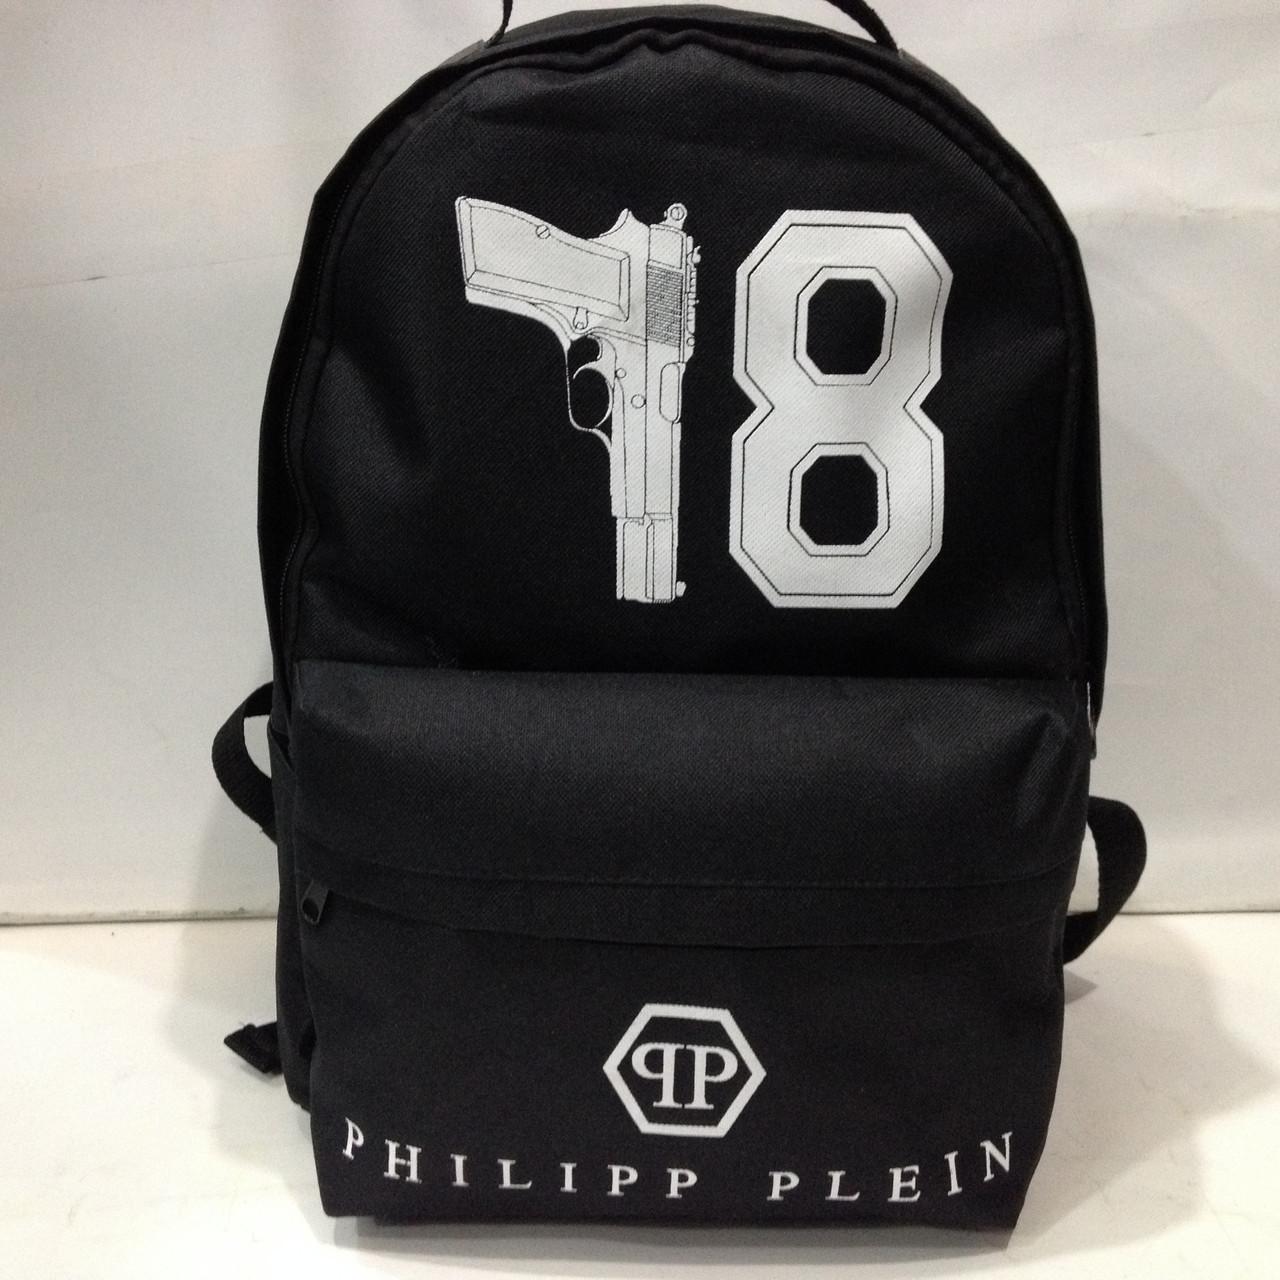 Оптовая продажа спортивных сумок, рюкзак изменить рюкзак в сталкере